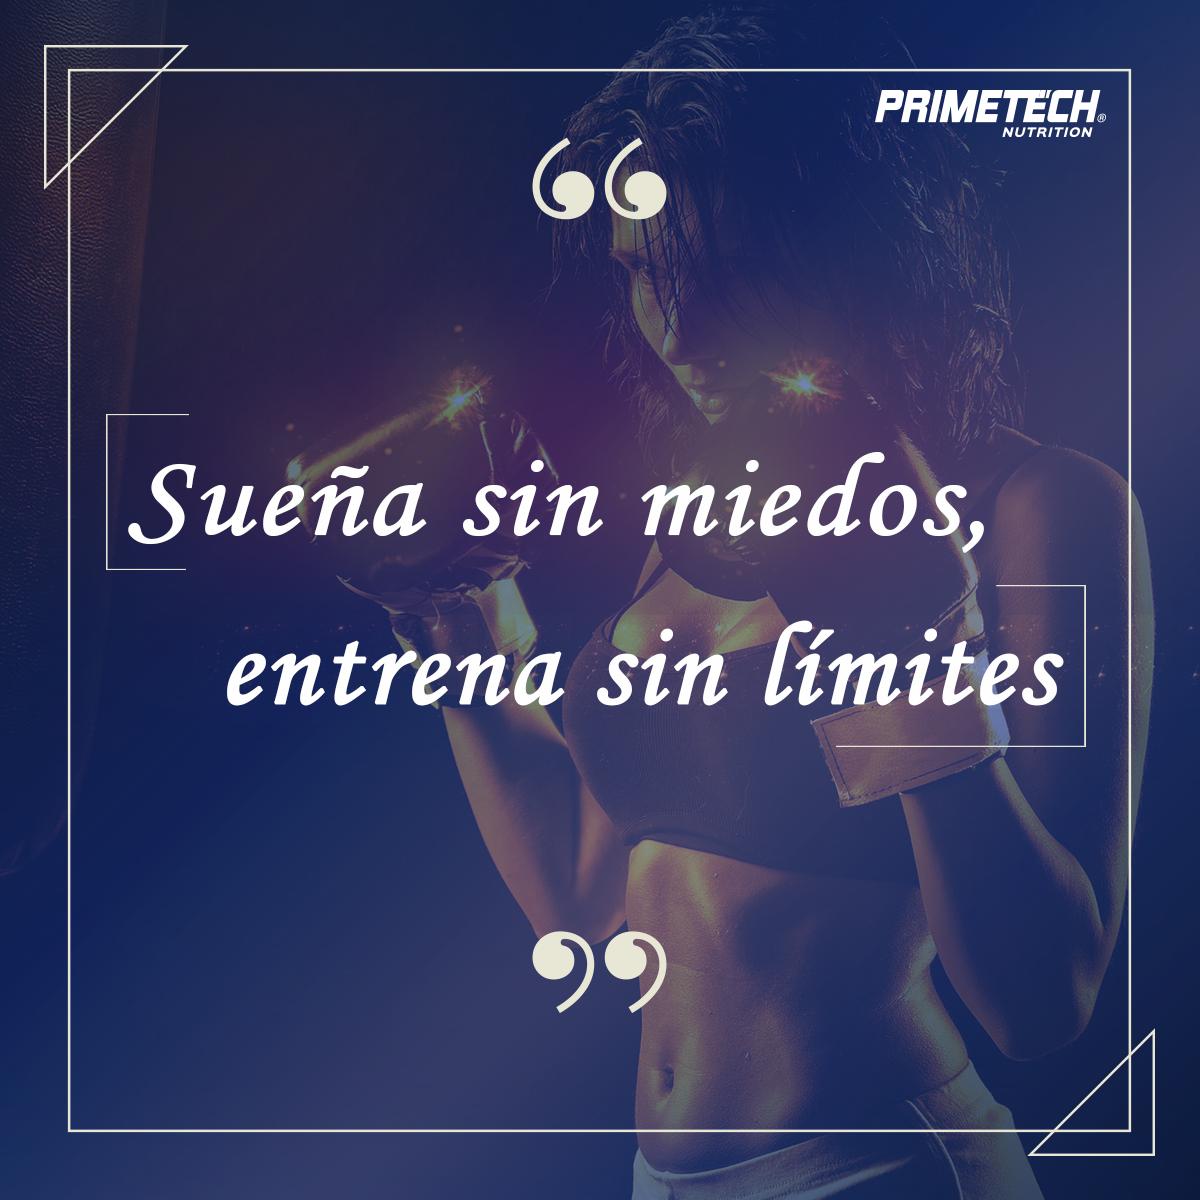 Inicia la semana con la mejor actitud 💪😎  #PrimeTech #fitness #motivación #gym